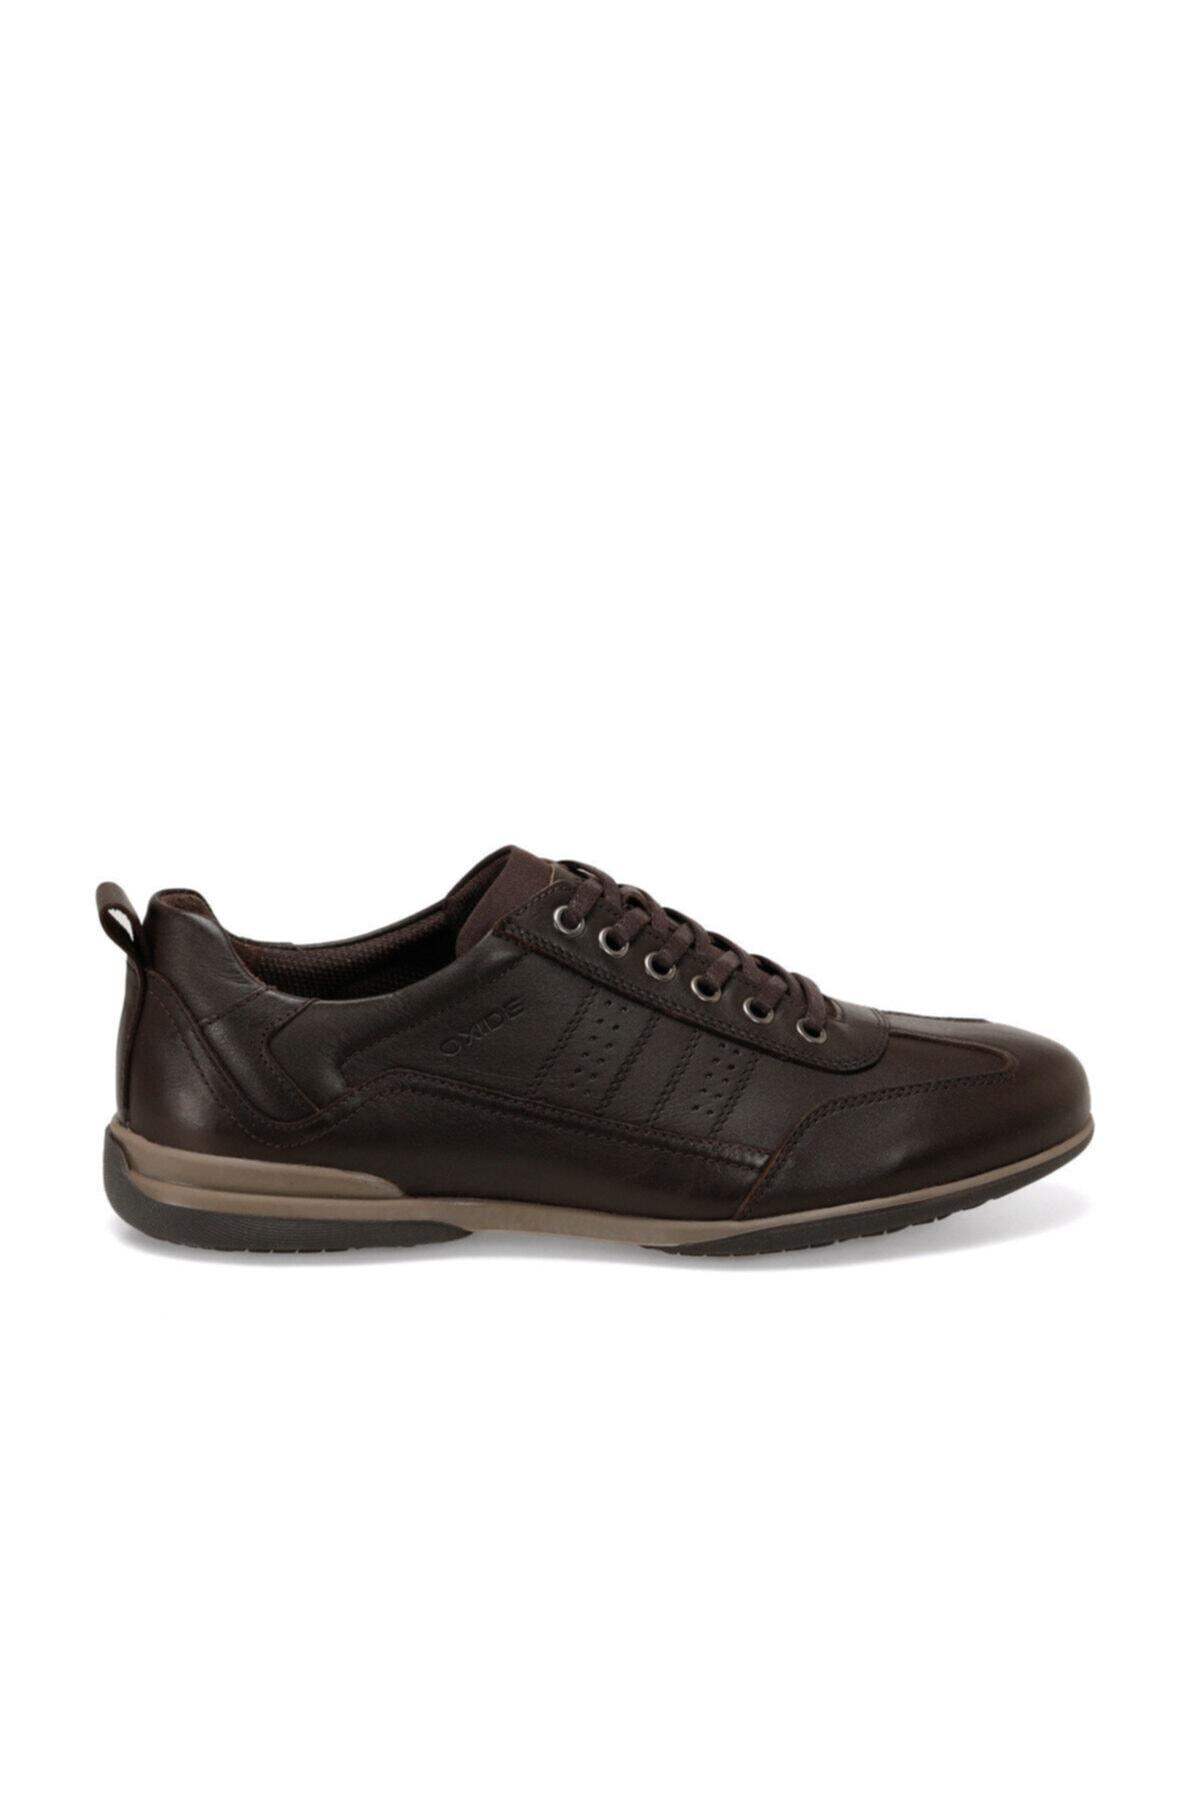 OXIDE 20116-X Kahverengi Erkek Günlük Ayakkabı 100573411 2